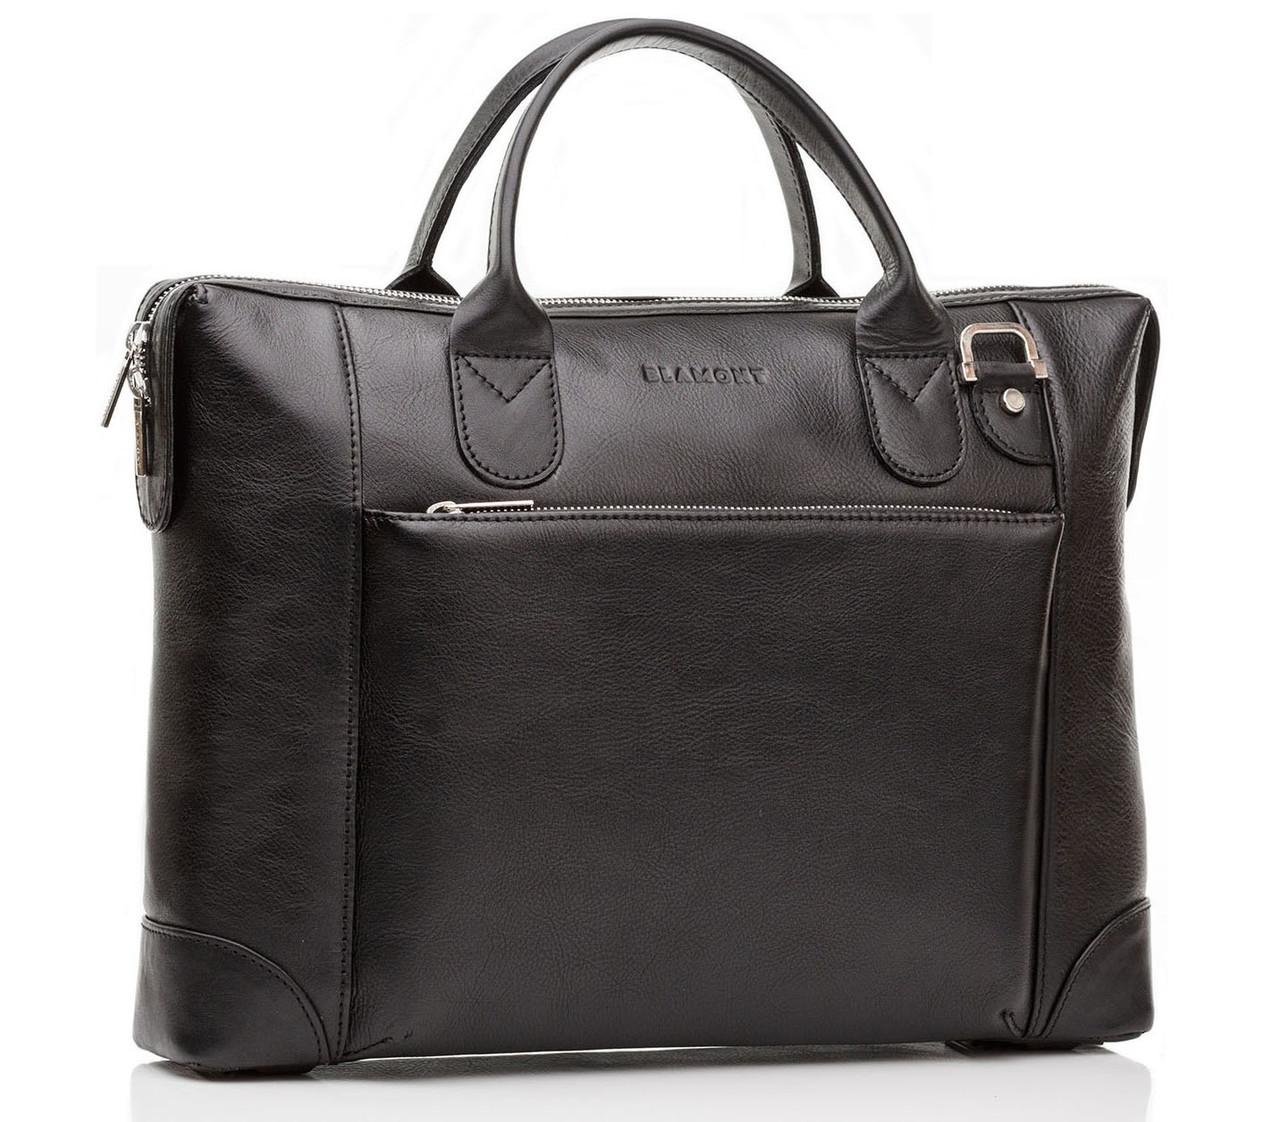 Деловая сумка для мужчин из натуральной кожи в коричневом цвете Blamont (Bn006A)